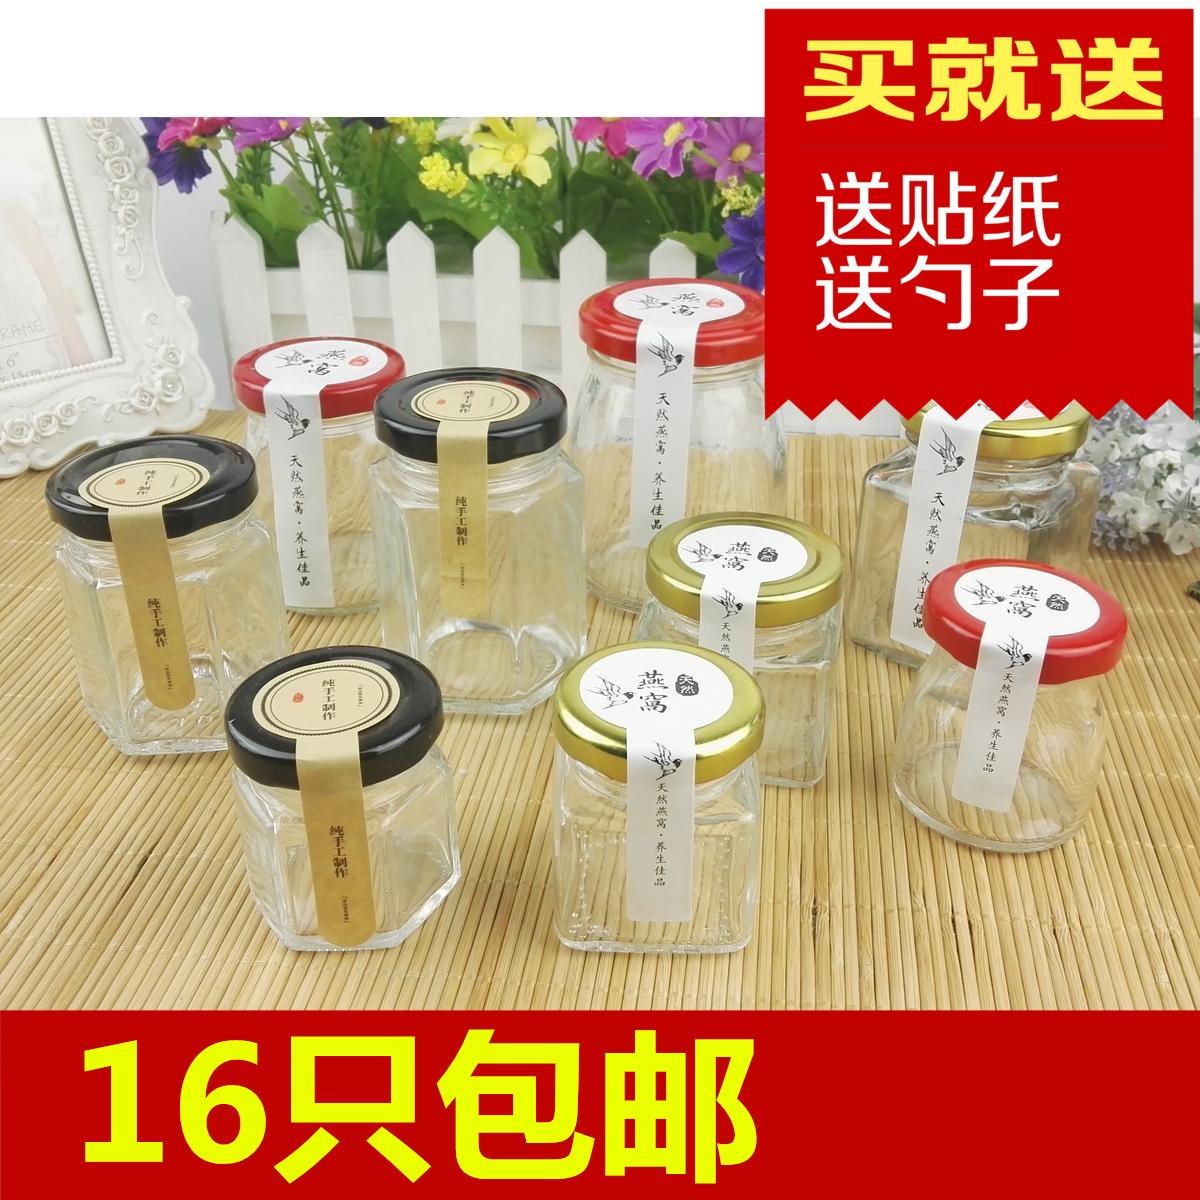 封口罐子小罐果酱蜜蜂酱瓶玻璃小号瓶带盖蜜蜂草莓玻璃瓶v罐子圆形